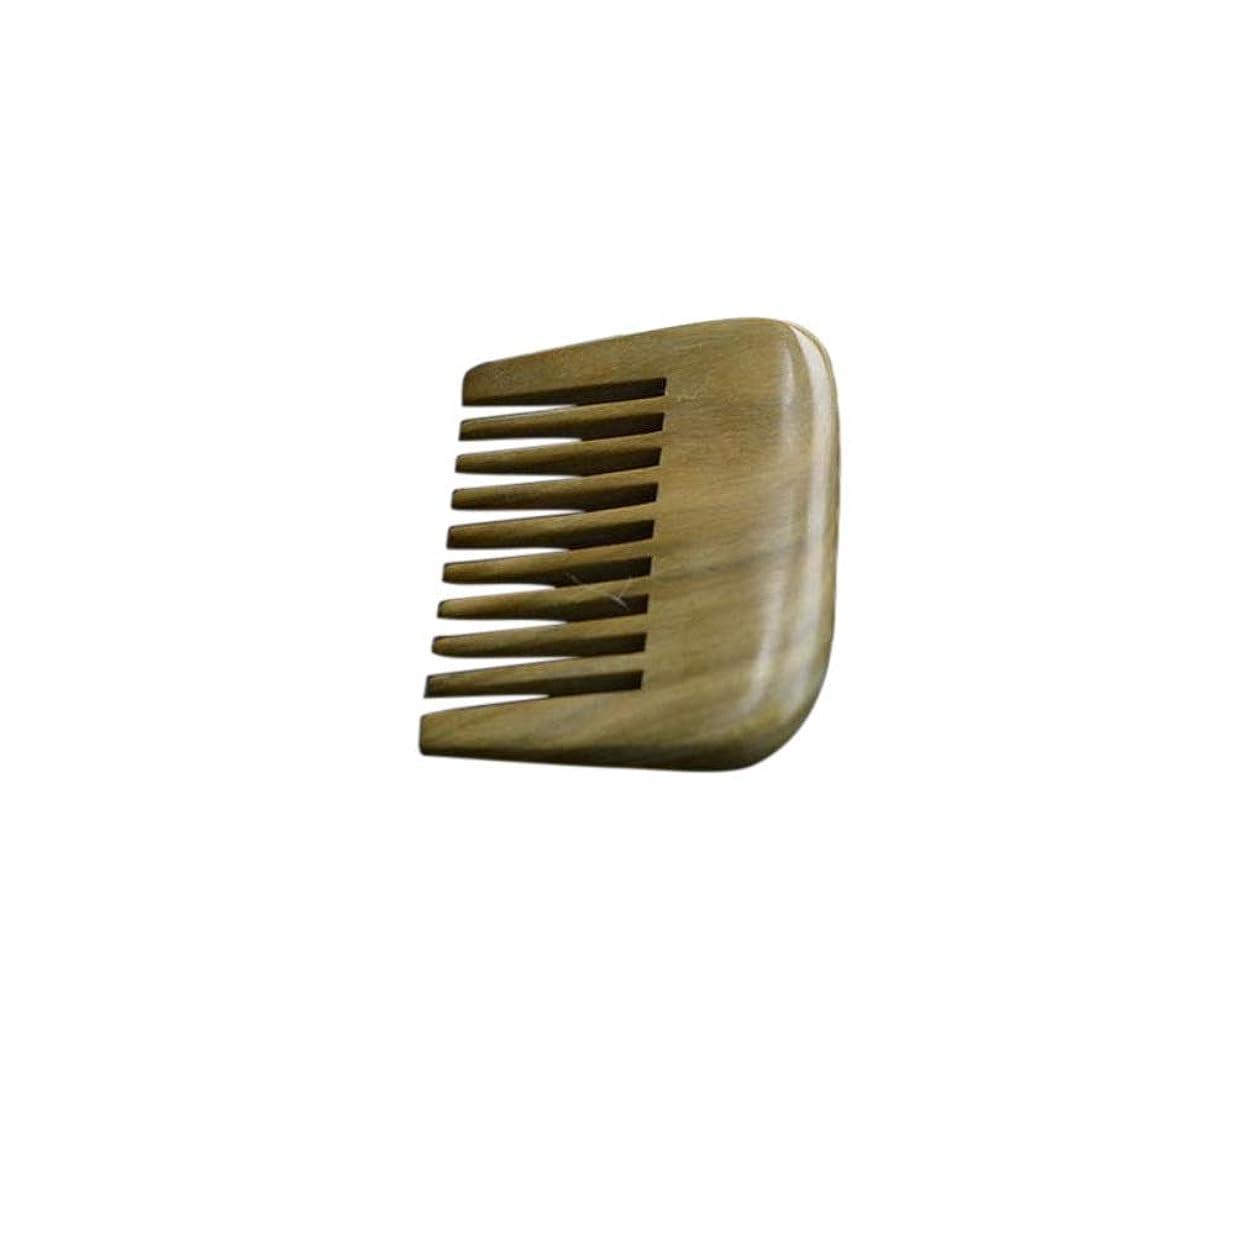 秋イル大混乱Kpekey 緑のビャクダンの広い歯の自然な櫛、ハンドメイドの木製の櫛の反静的なヘアブラシ